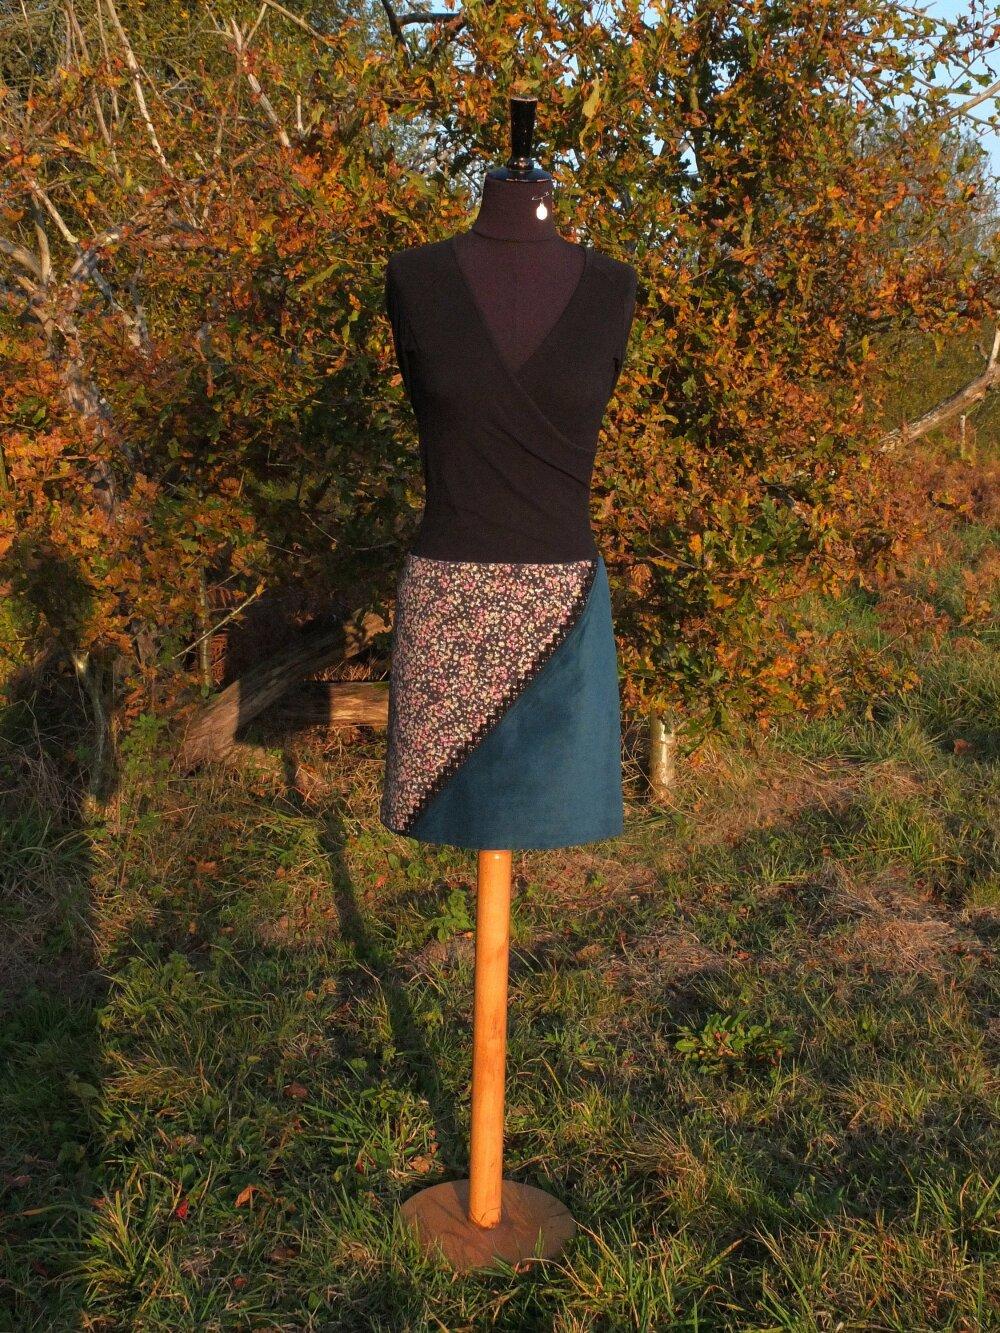 Jupe courte légèrement évasée en velours côtelé bleu pétrole et crêpe de polyester fleuri, taille basse, taille 38